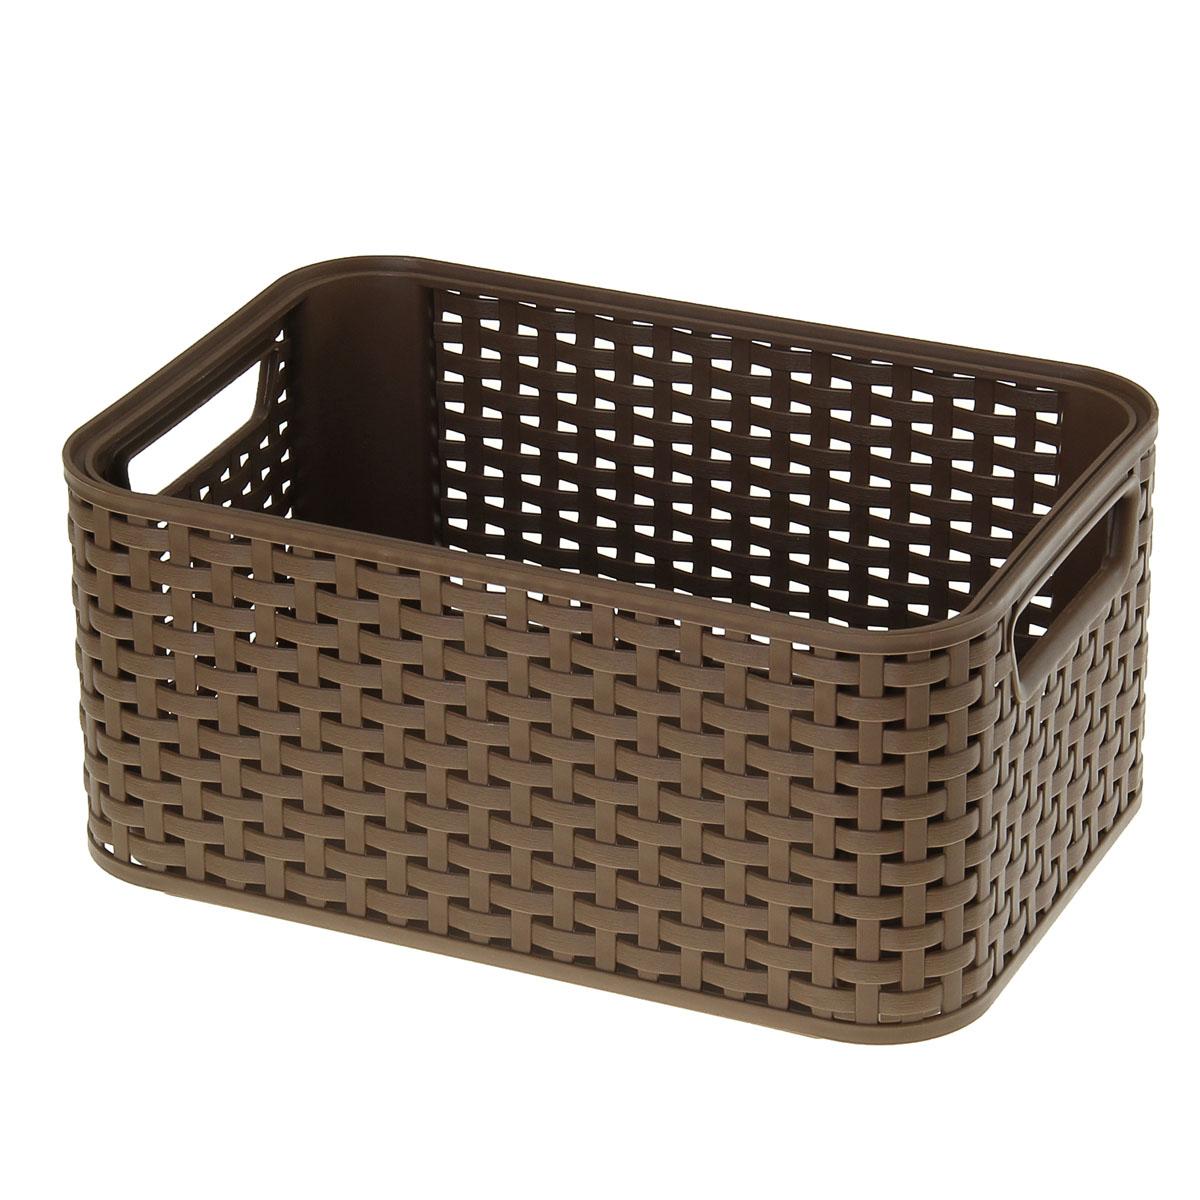 Корзинка Curver, цвет: коричневый, 29 х 19 х 13 смБрелок для сумкиКорзинка Curver, изготовленная из высококачественного прочного пластика, предназначена для хранения мелочей в ванной, на кухне, даче или гараже. Изделие оснащено двумя удобными ручками.Это легкая корзина со сплошным дном, жесткой кромкой и небольшими отверстиями позволяет хранить мелкие вещи, исключая возможность их потери.